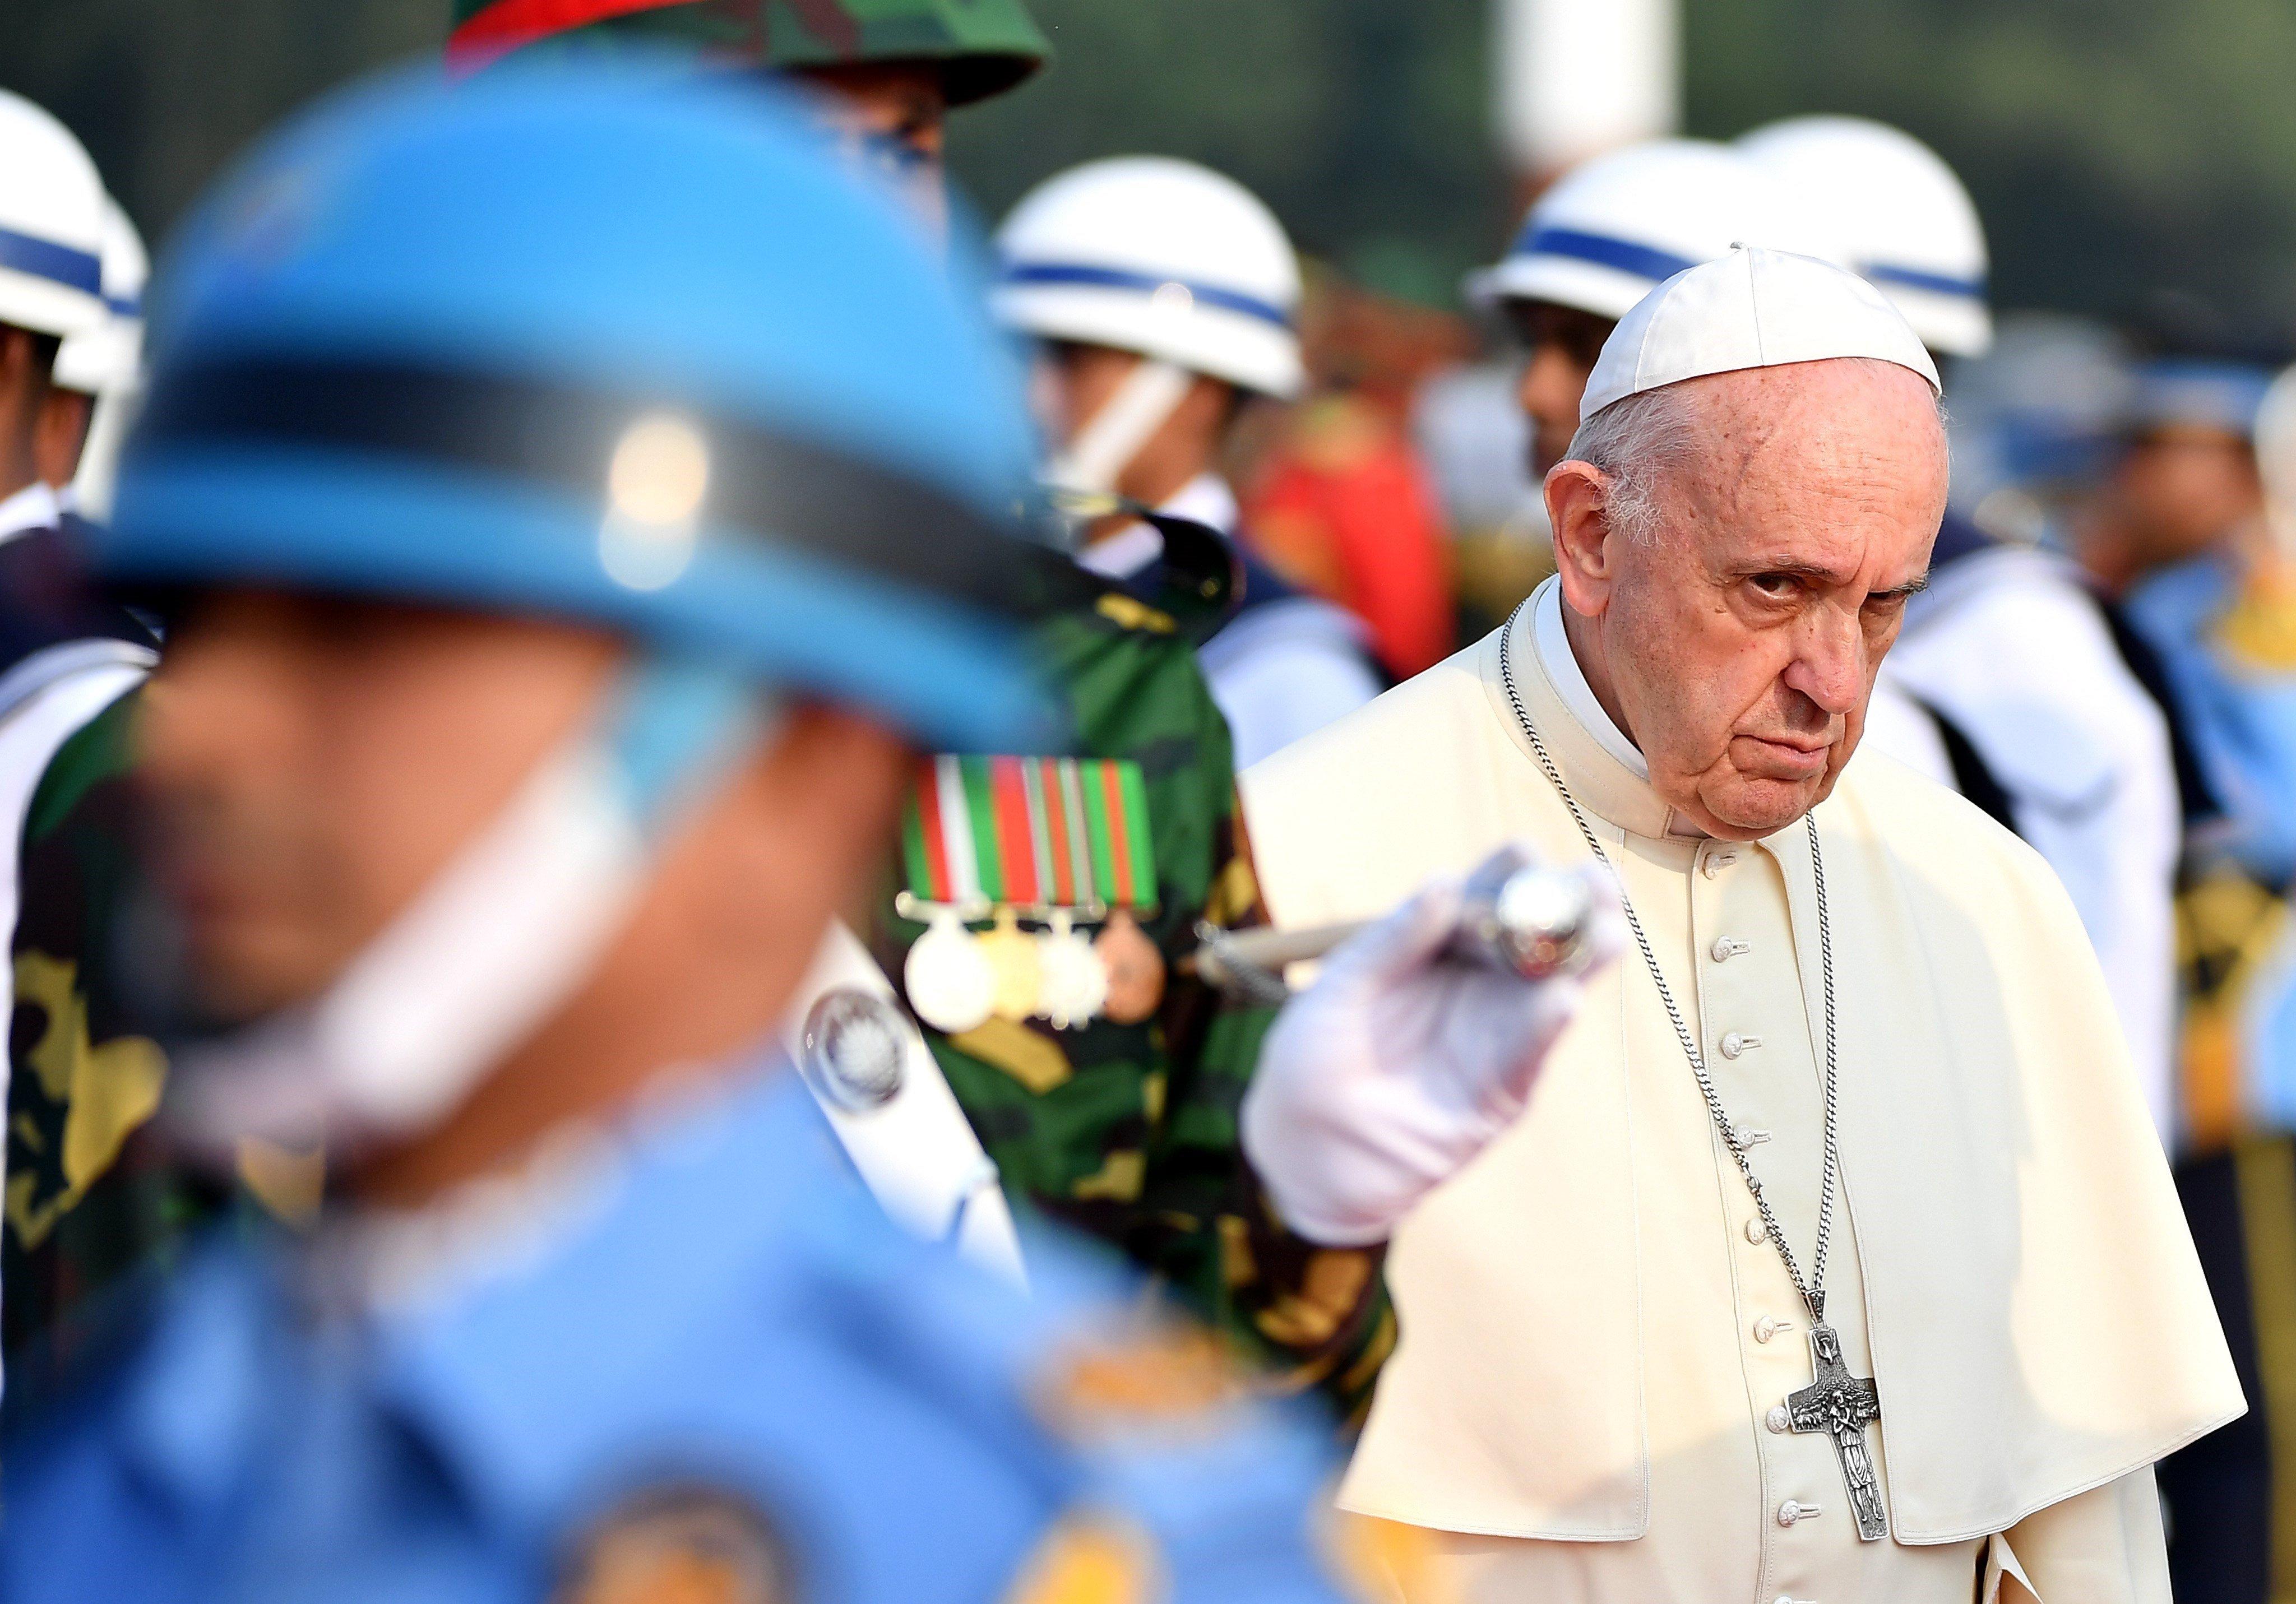 El papa Francesc passa revista a la guàrdia d'honor a la seva arribada a l'Aeroport Internacional de Daca (Bangladesh). /ETTORE FERRARI